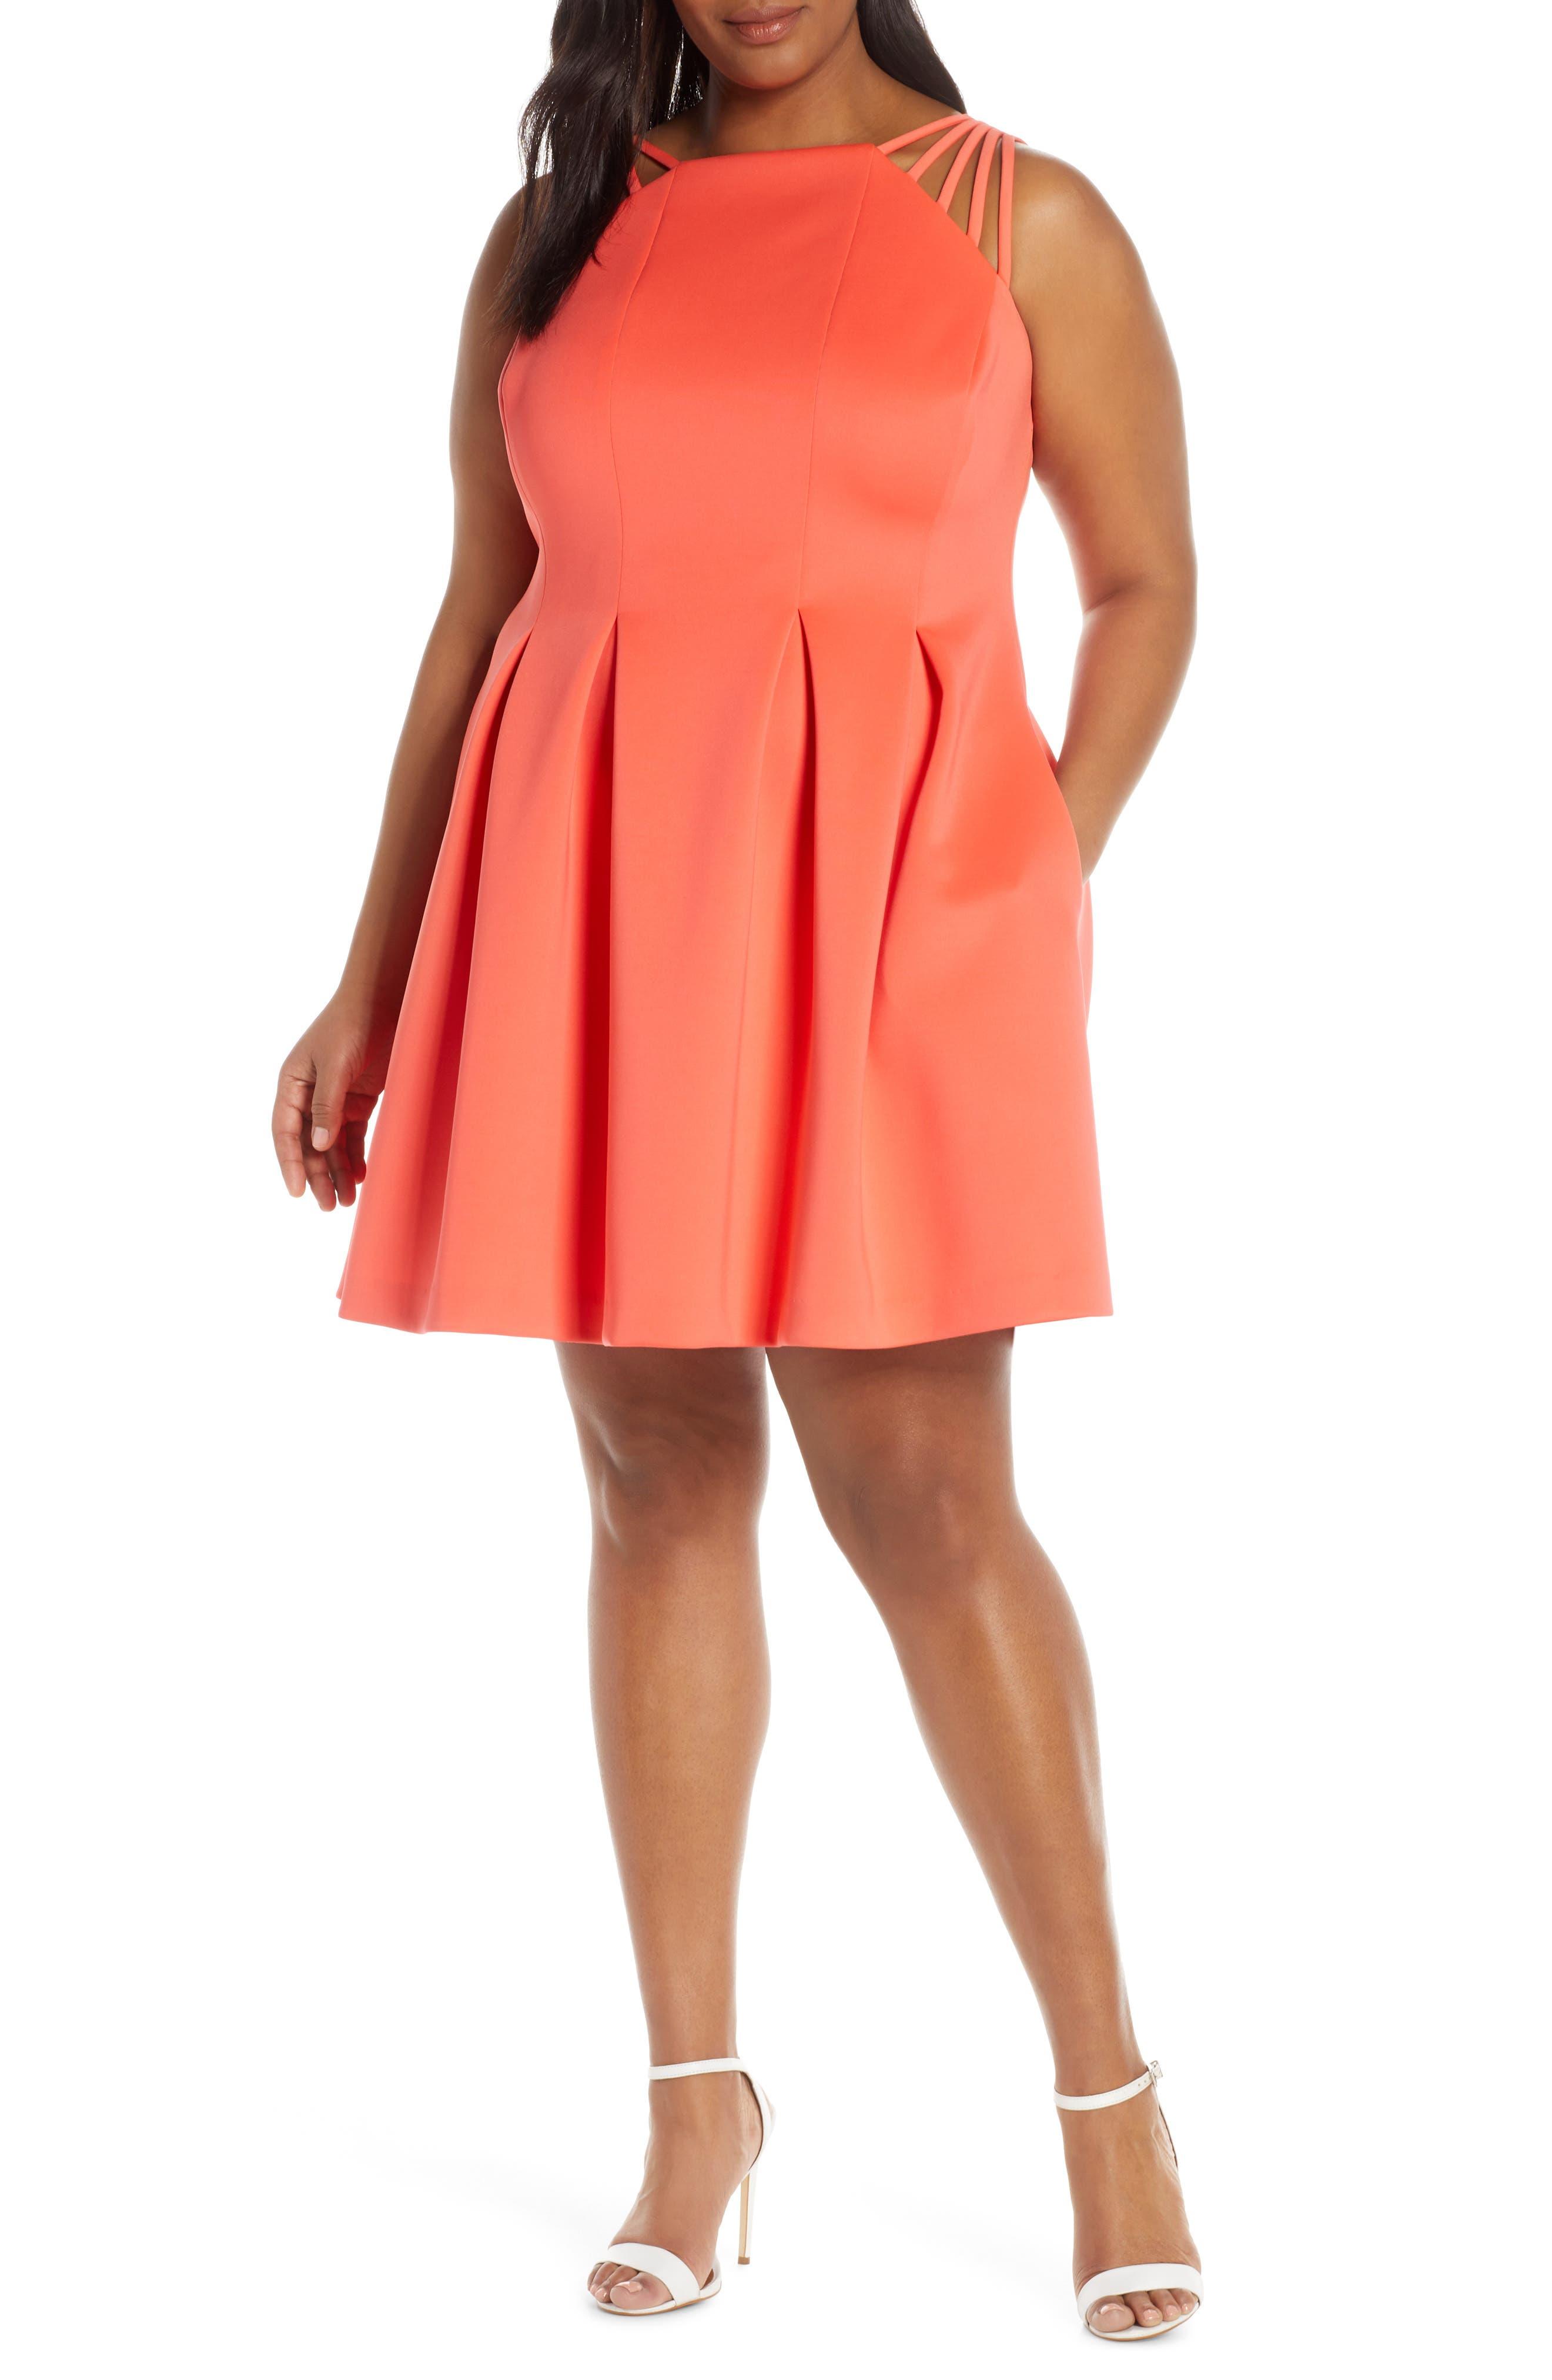 Plus Size Vince Camuto Fit & Flare Scuba Dress, Coral